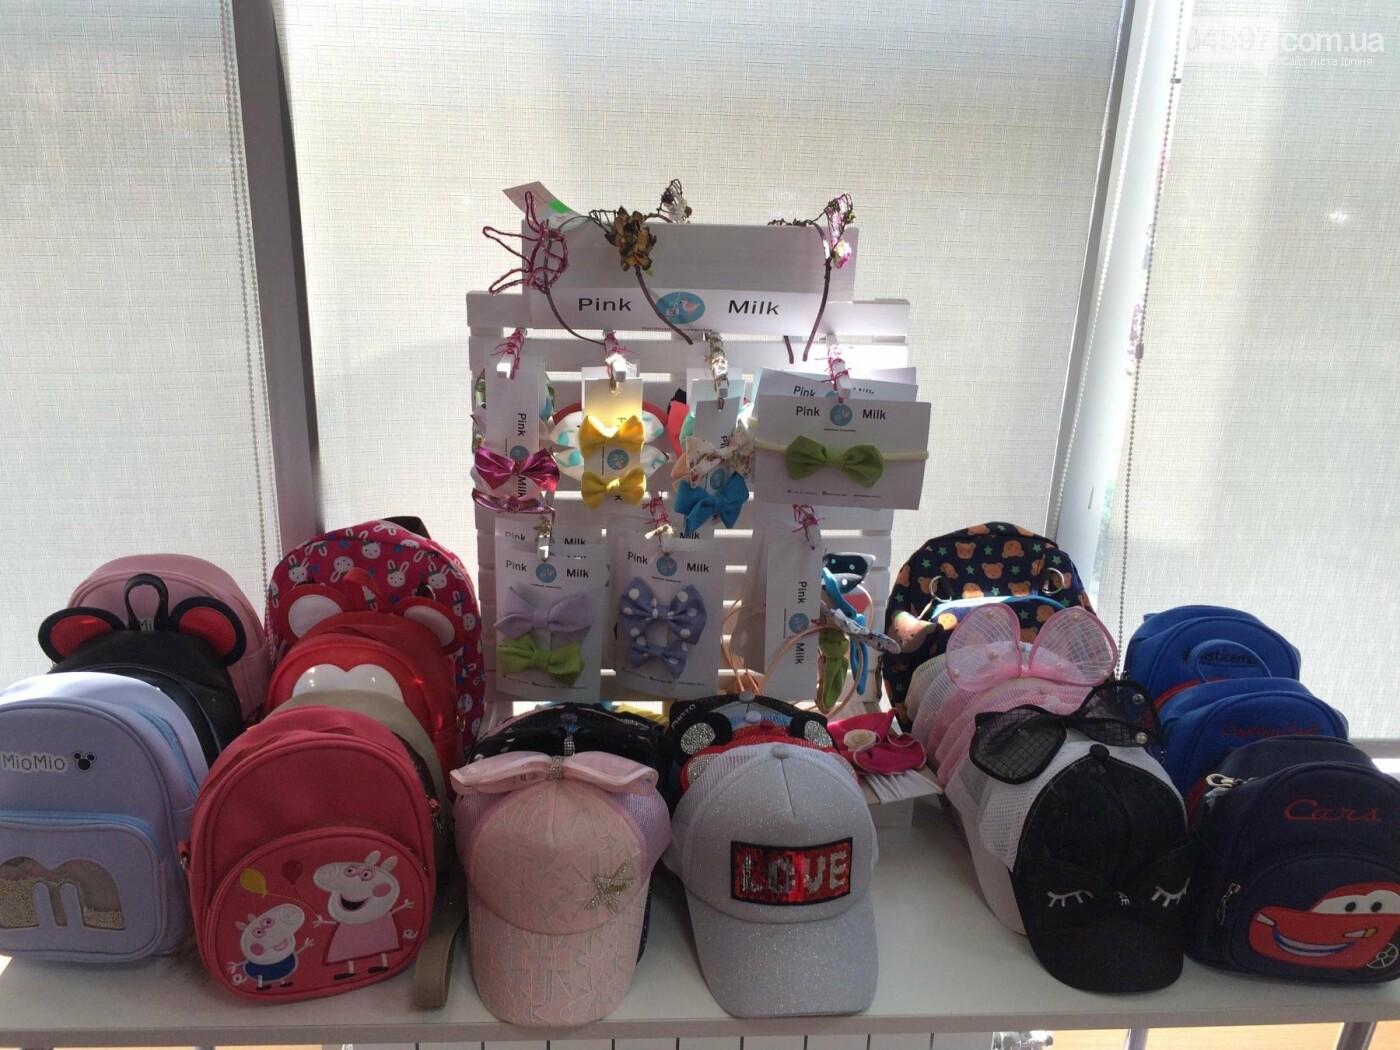 Де купити дитячий одяг в Ірпені: асортимент та ціни, фото-42